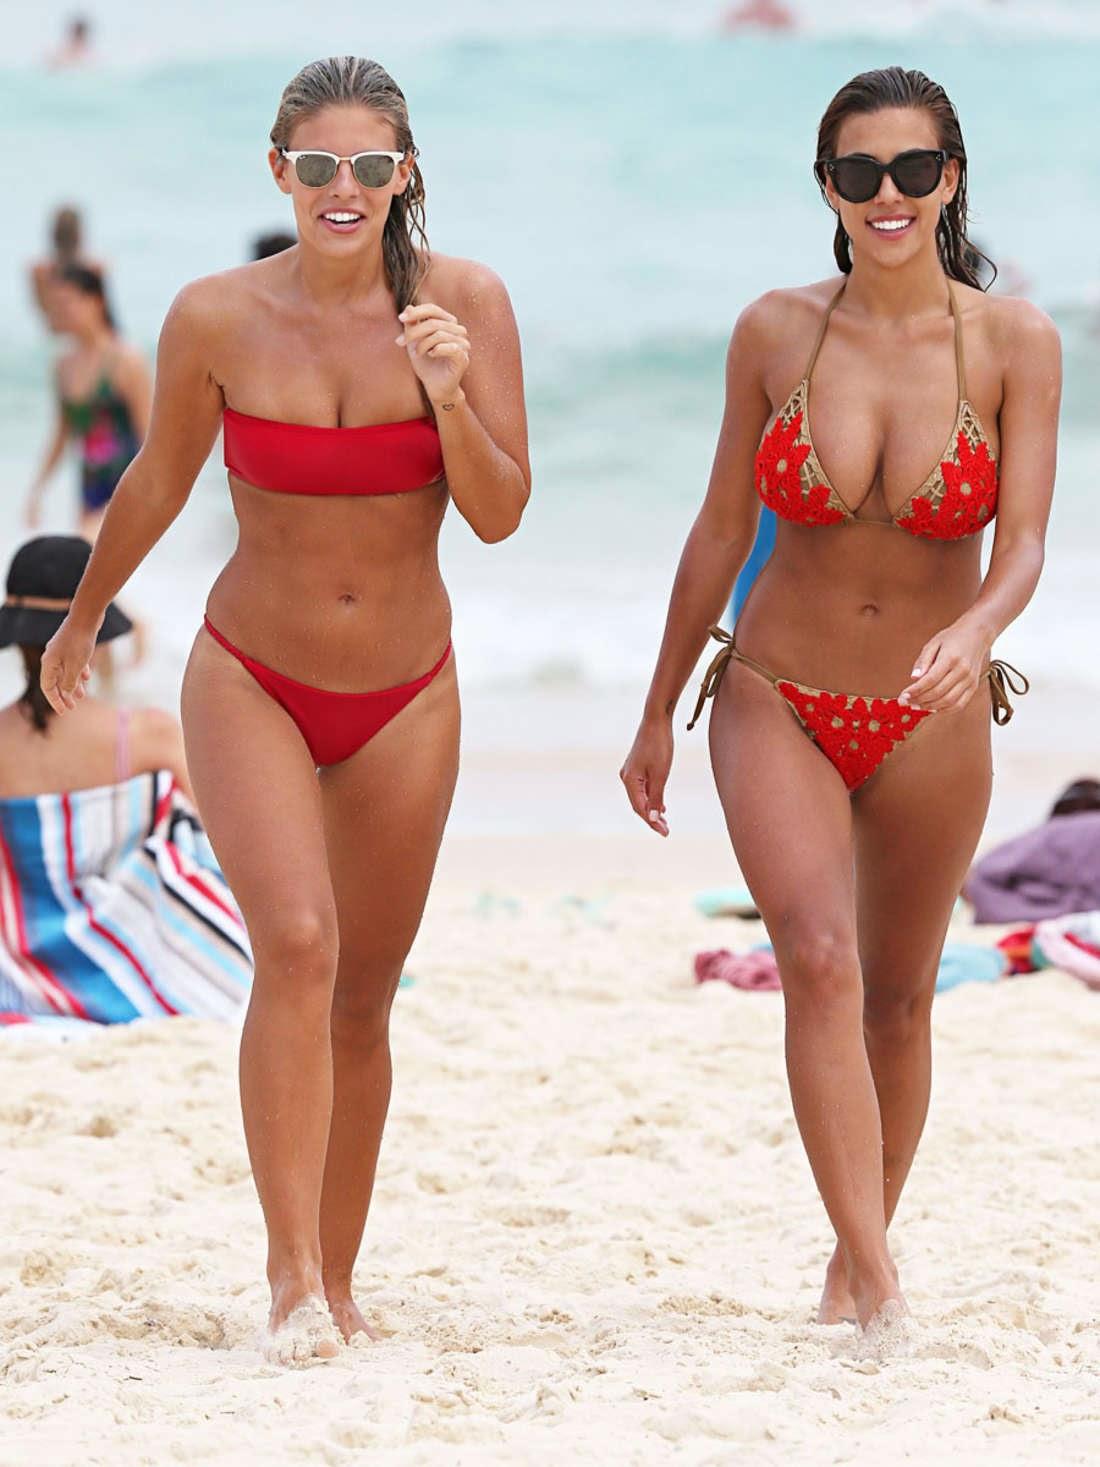 ديفين بروكمان وناتاشا أوكلي بالبكيني على شاطئ بوندي